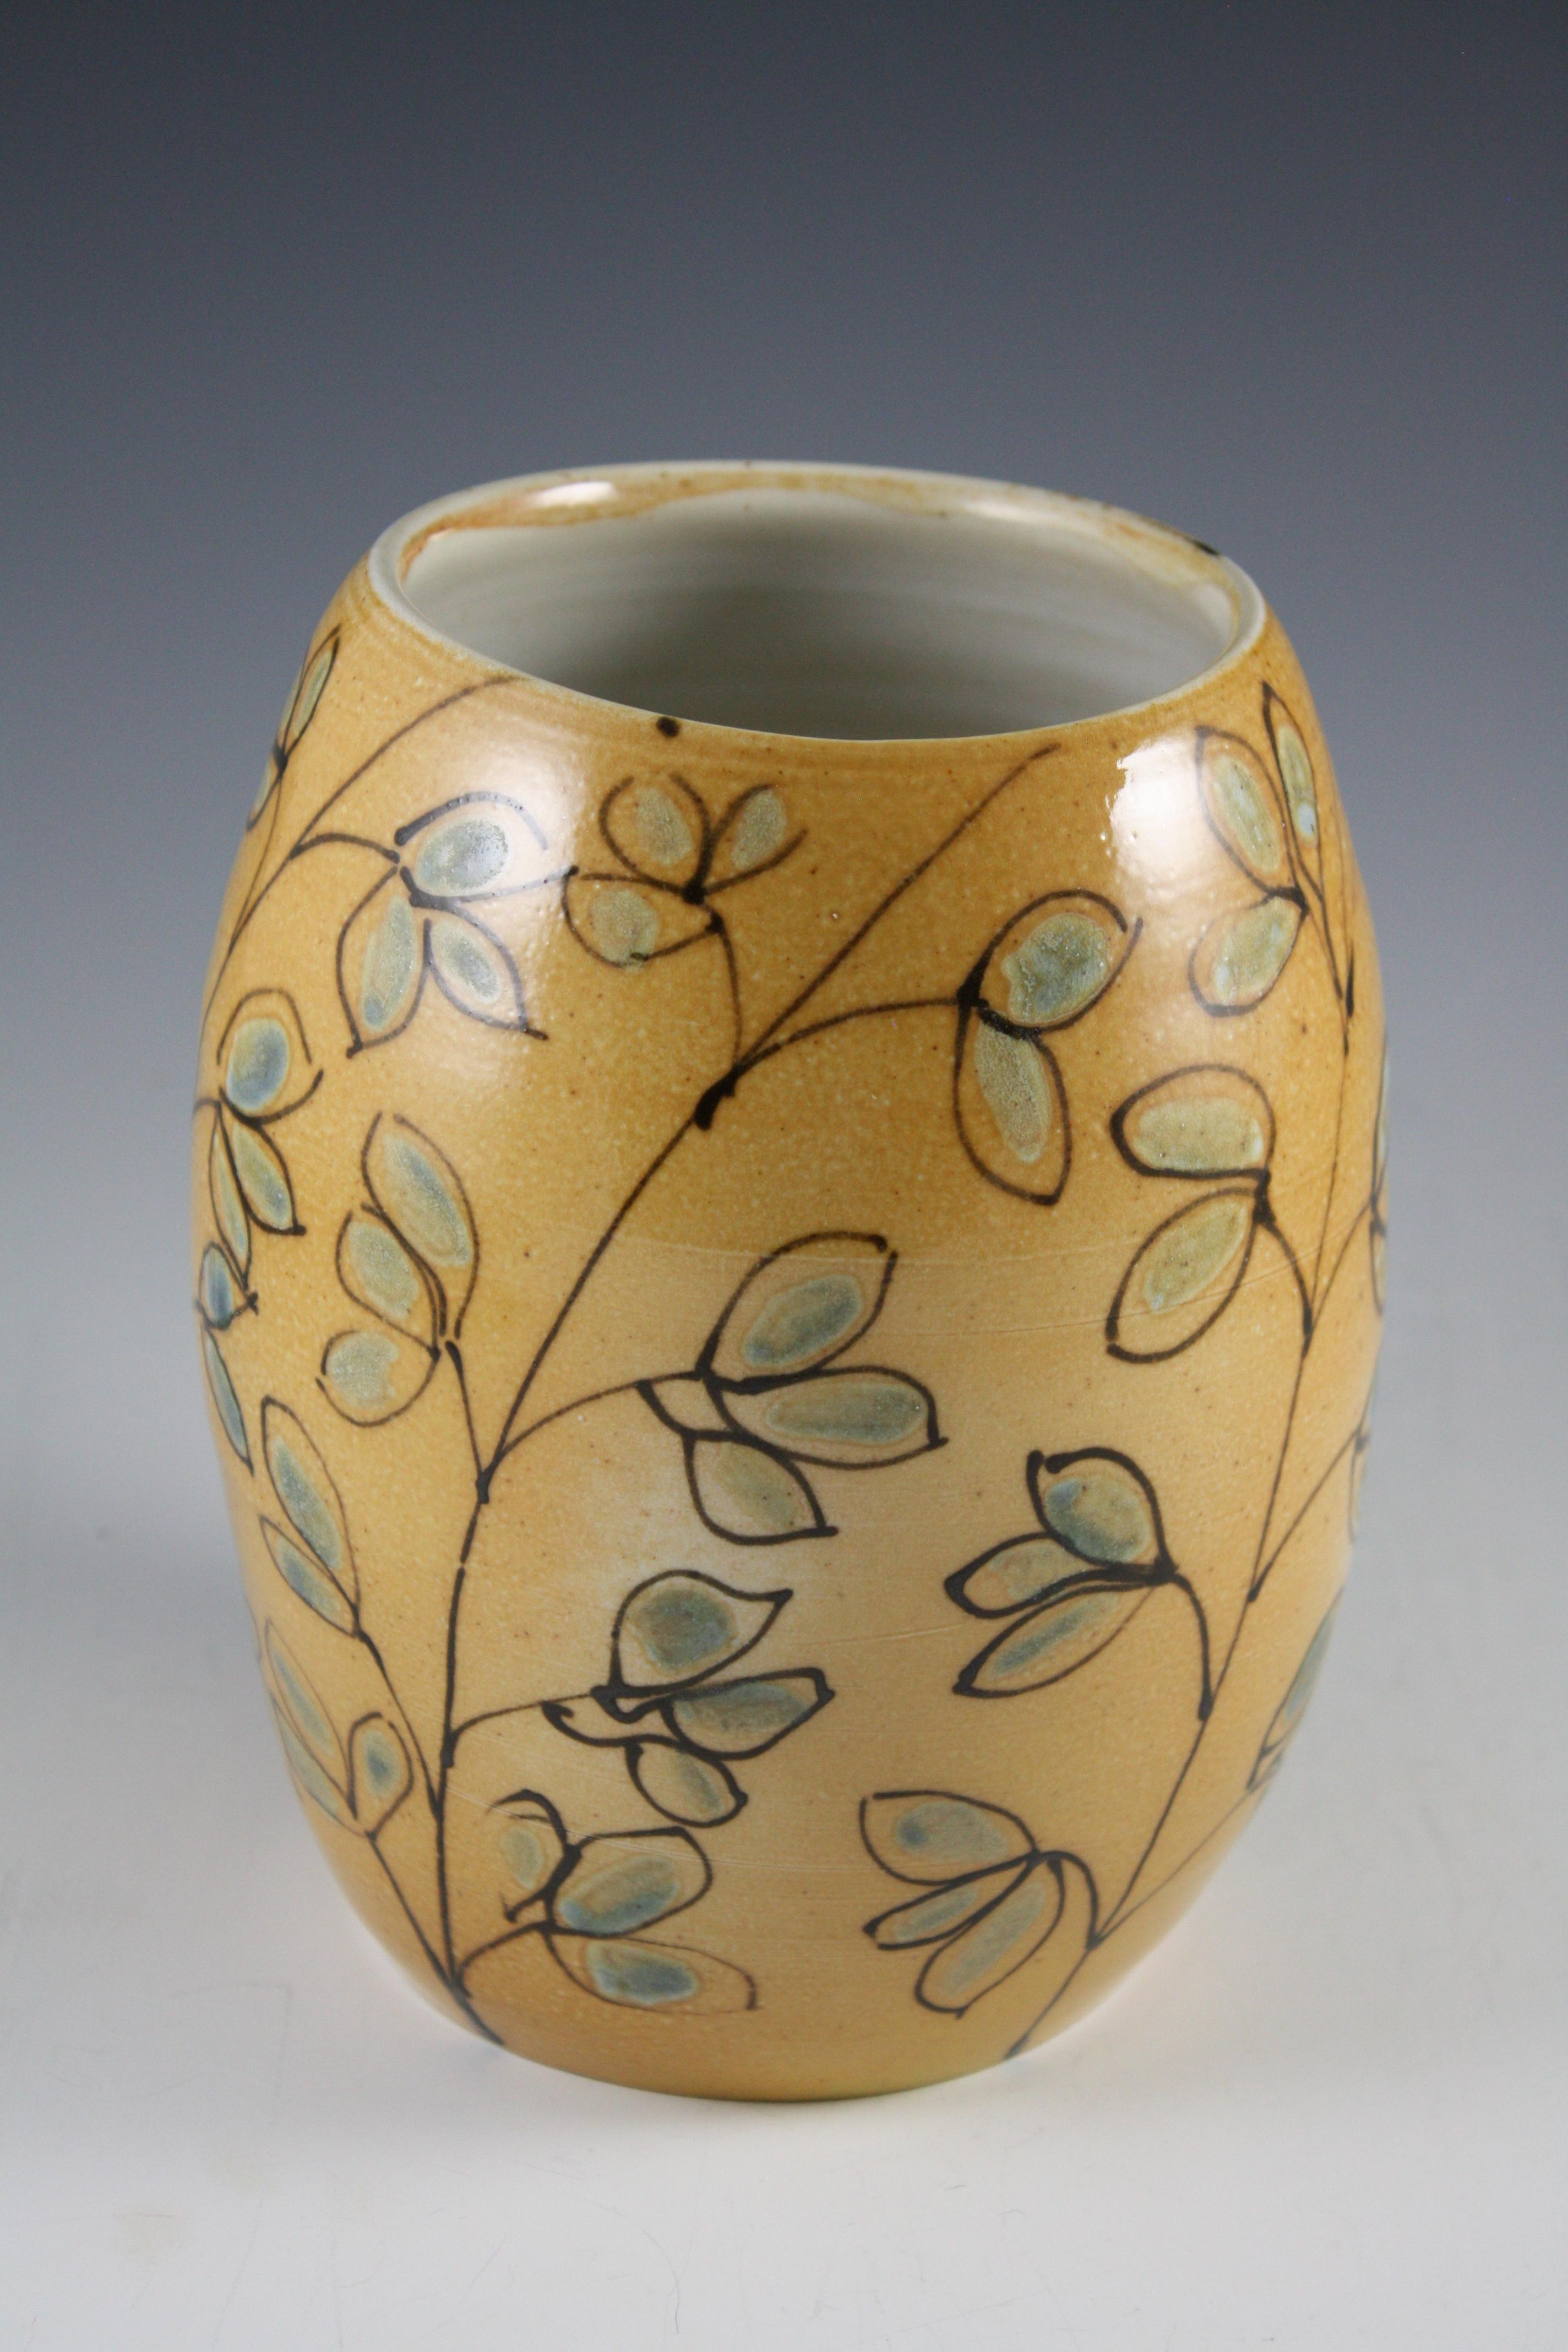 Vase with Floral Design